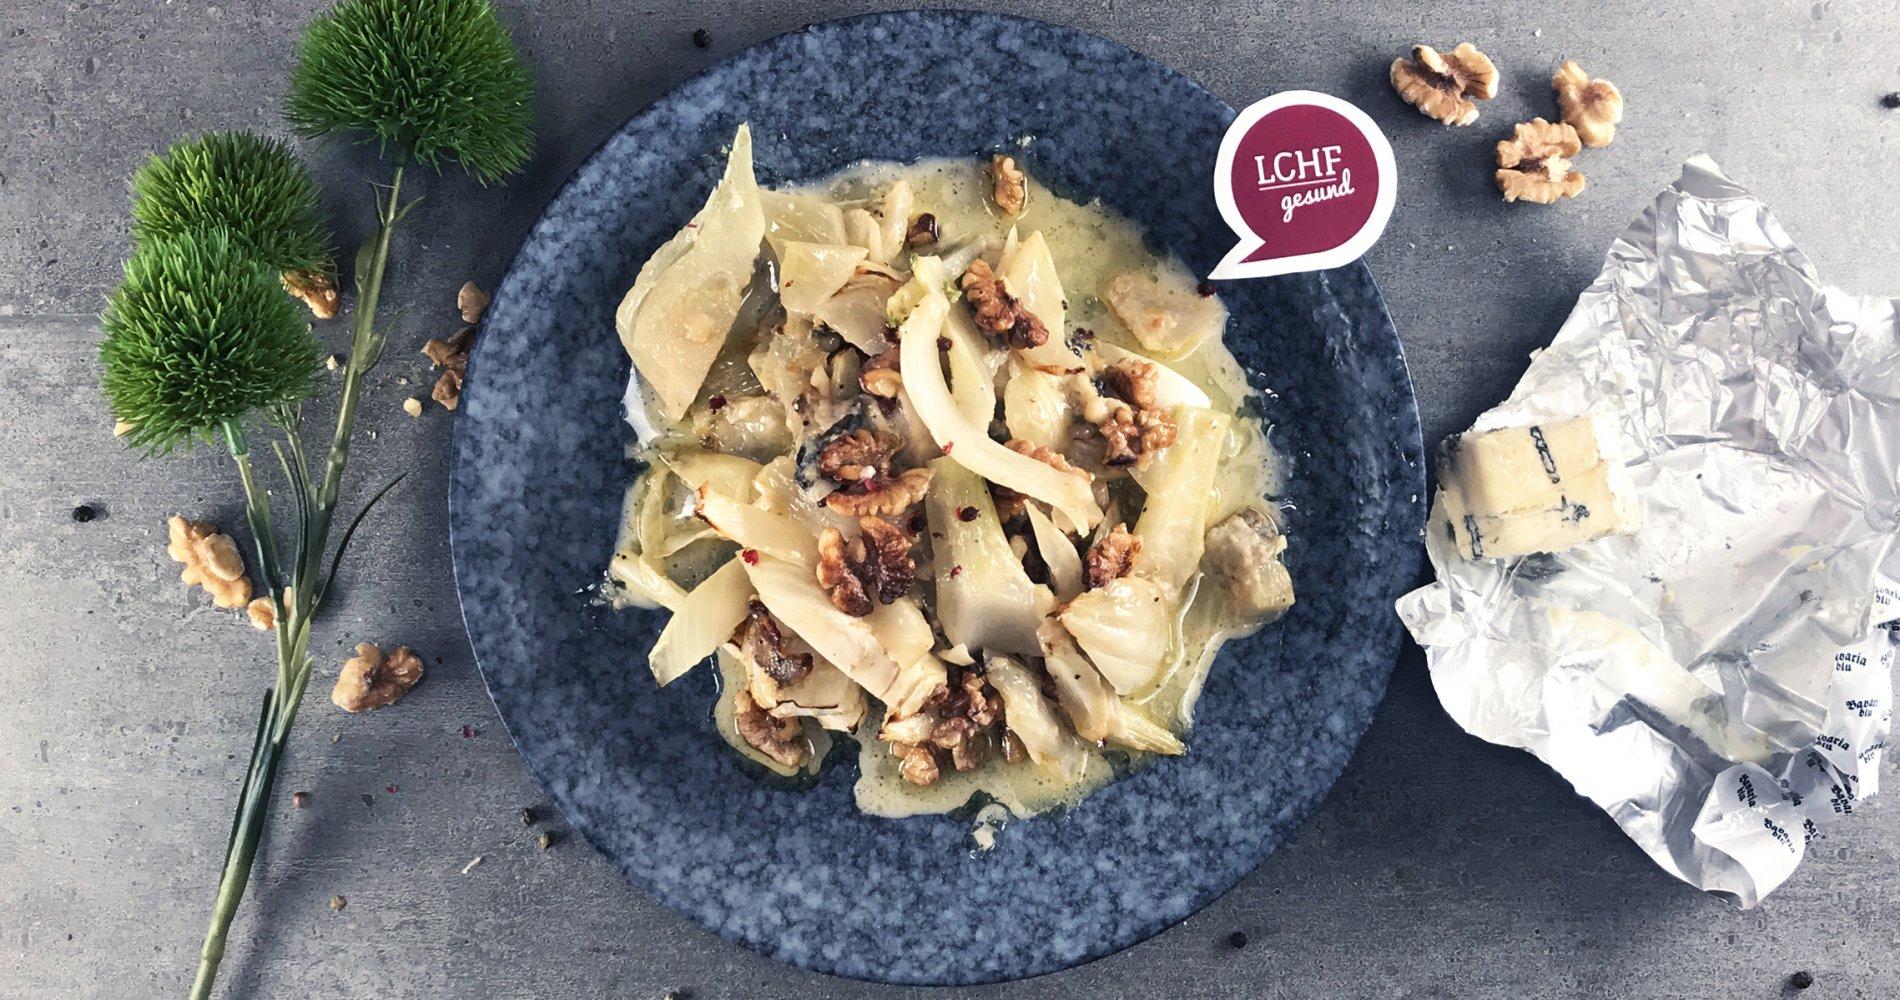 Rezept Low Carb: Fenchelgemüse mit Schimmelkäse aus dem Ofen - LCHF-gesund.de